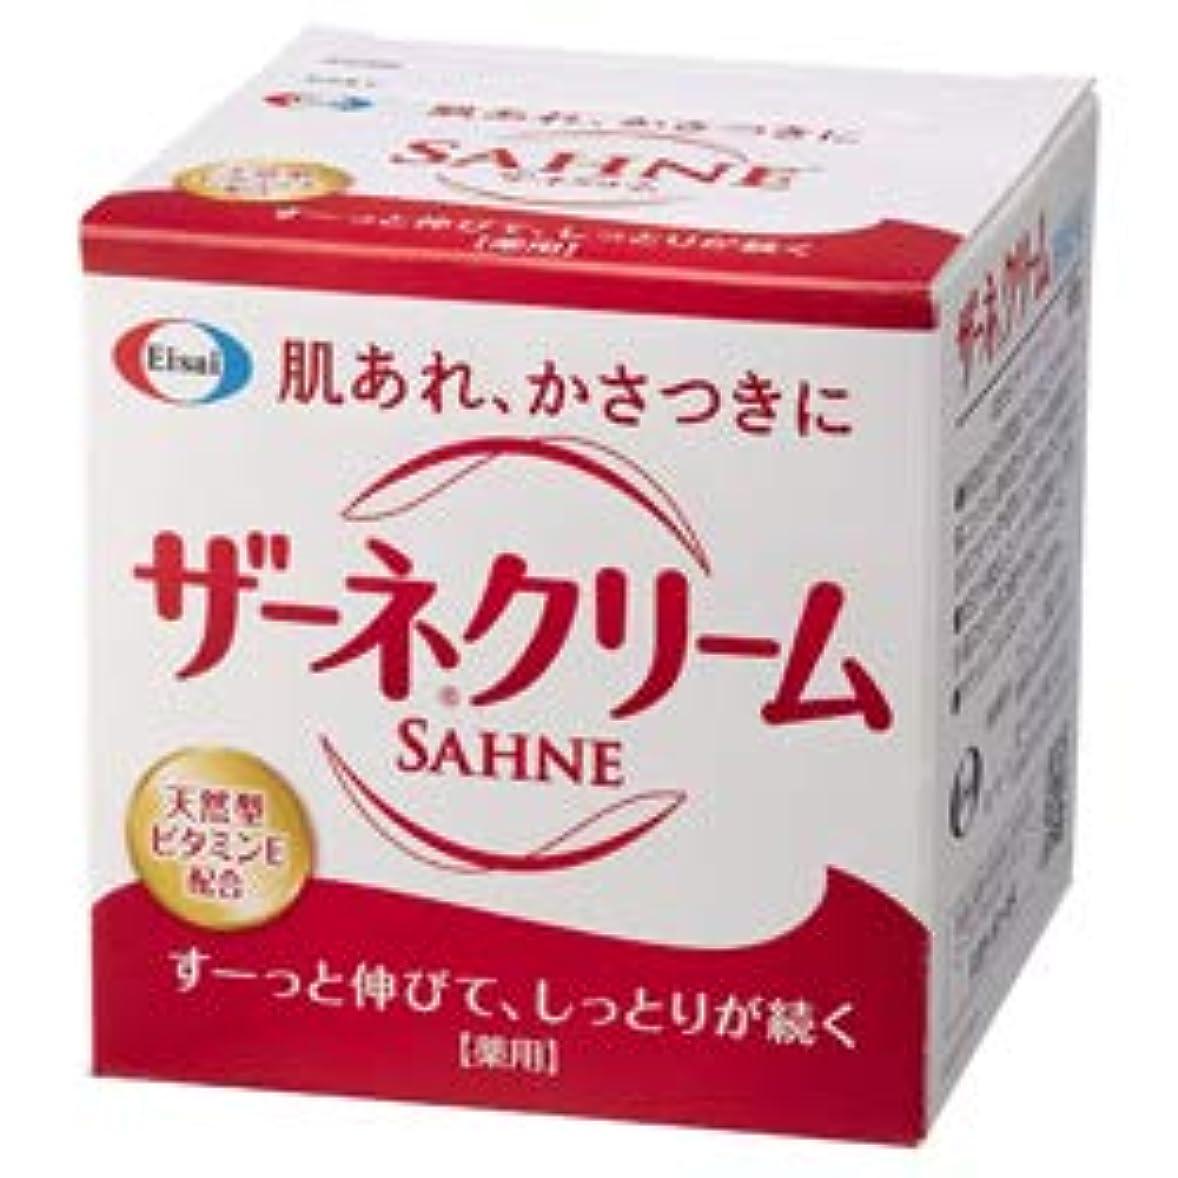 実行ダイジェスト免除【エーザイ】ザーネクリーム 100g(医薬部外品) ×3個セット